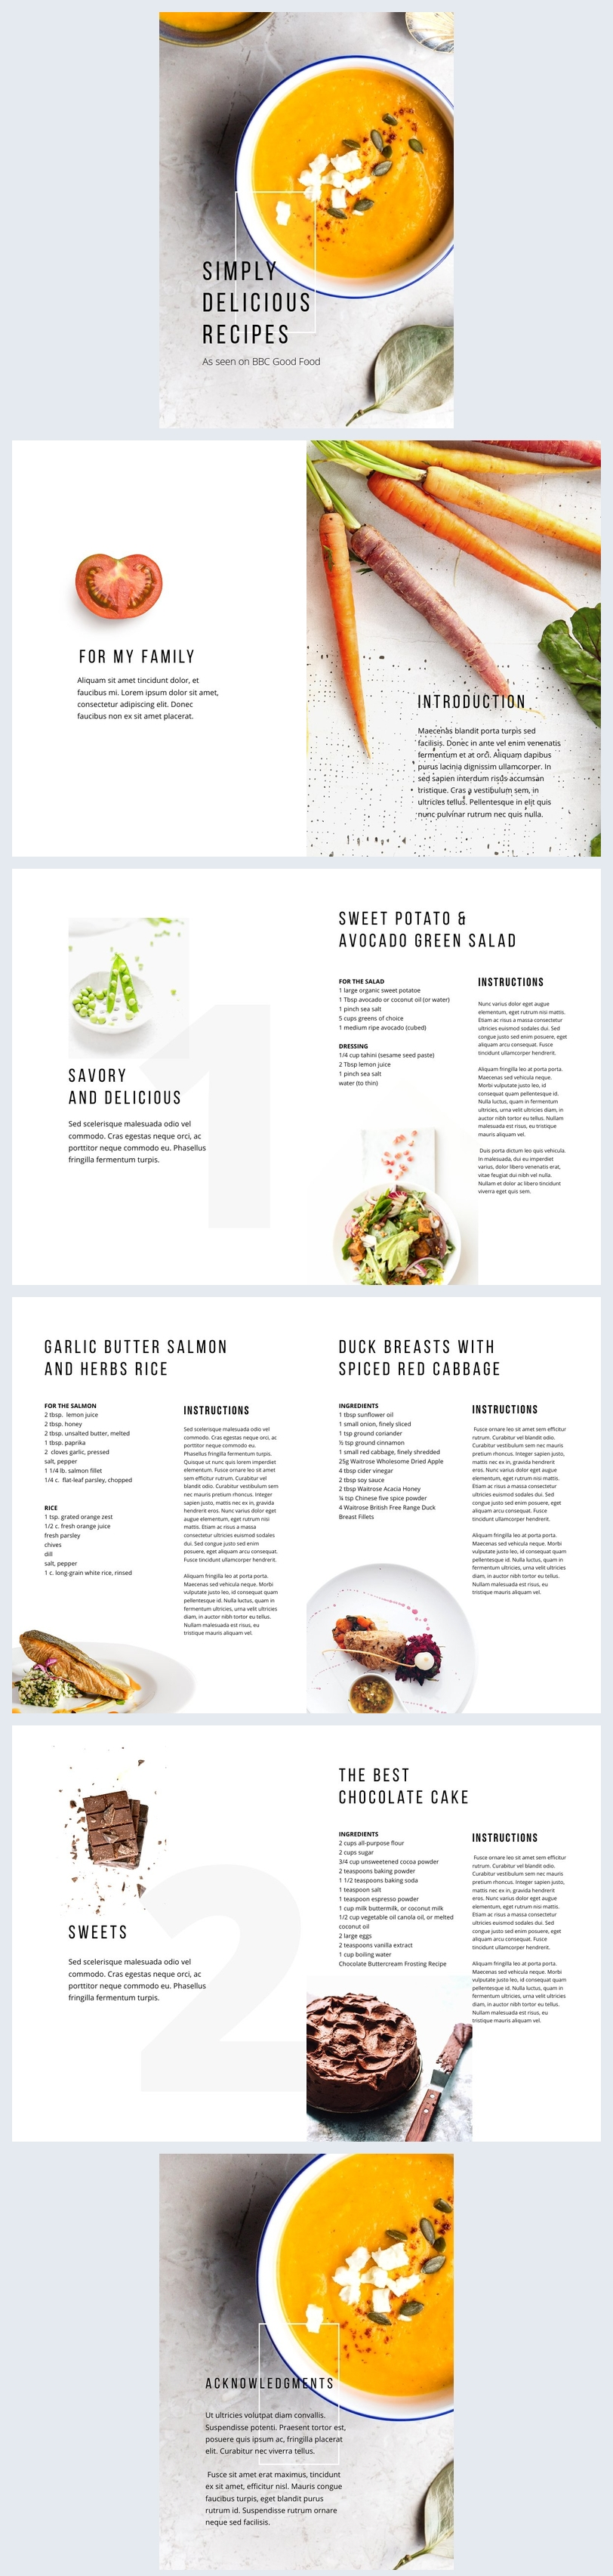 Druckbares Layout für ein Magazin für Köstliche Rezepte